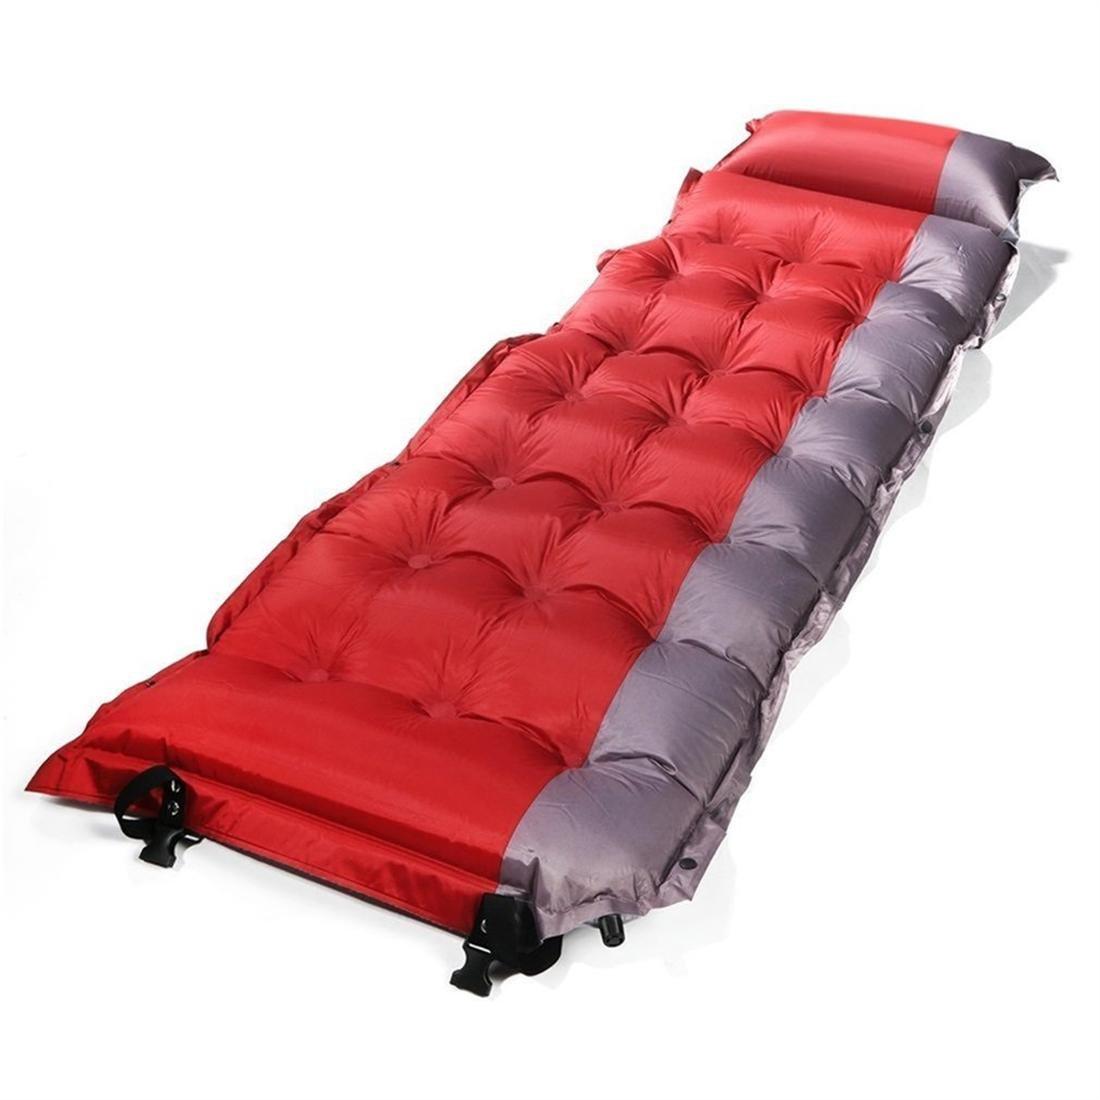 CHYIR zum selbst aufblasende Schlafmatte Outdoor Strand Camping aufblasbare Matratze